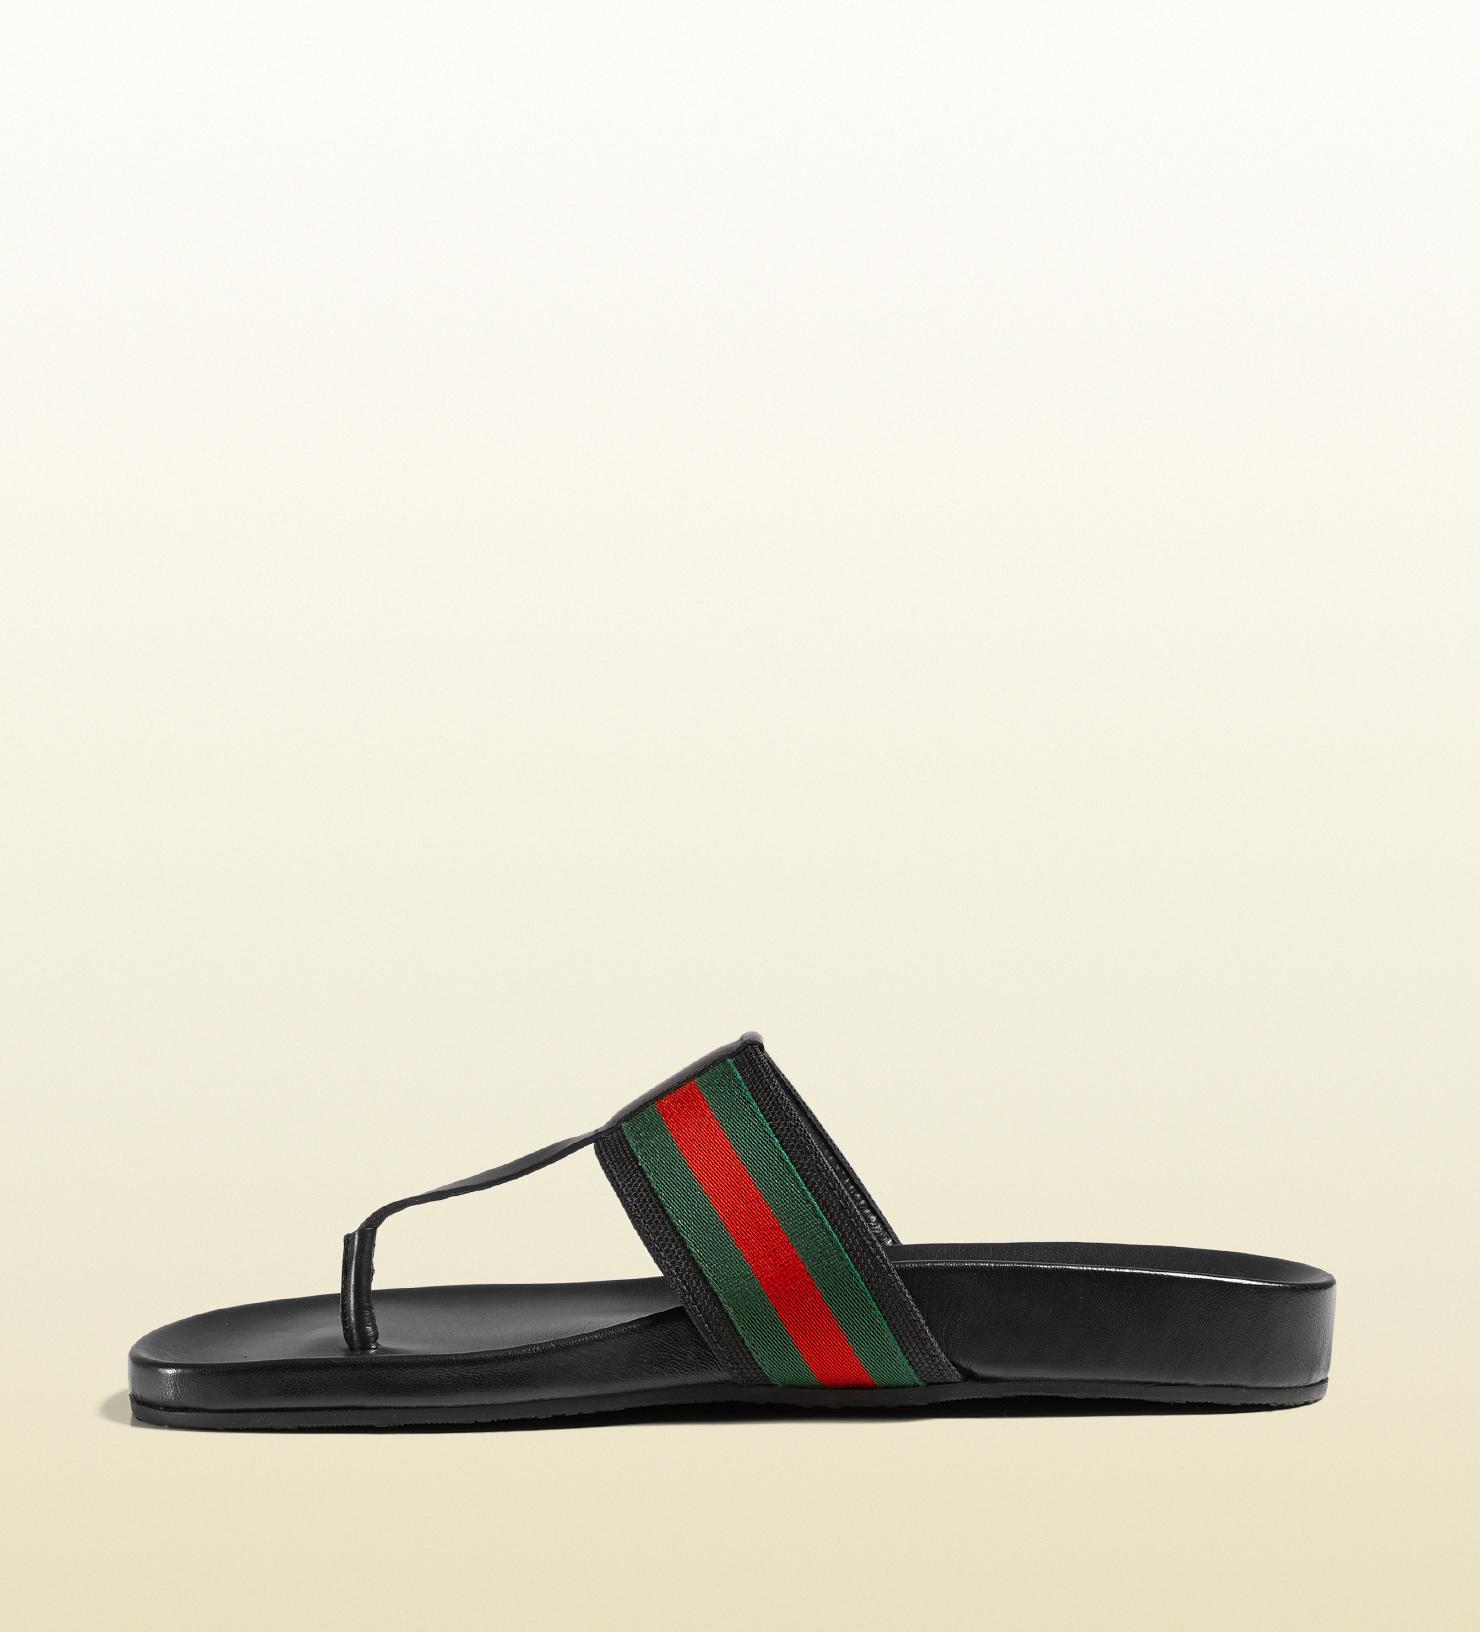 a0e6419e2aa3 Lyst - Gucci Web Strap Sandal in Black for Men